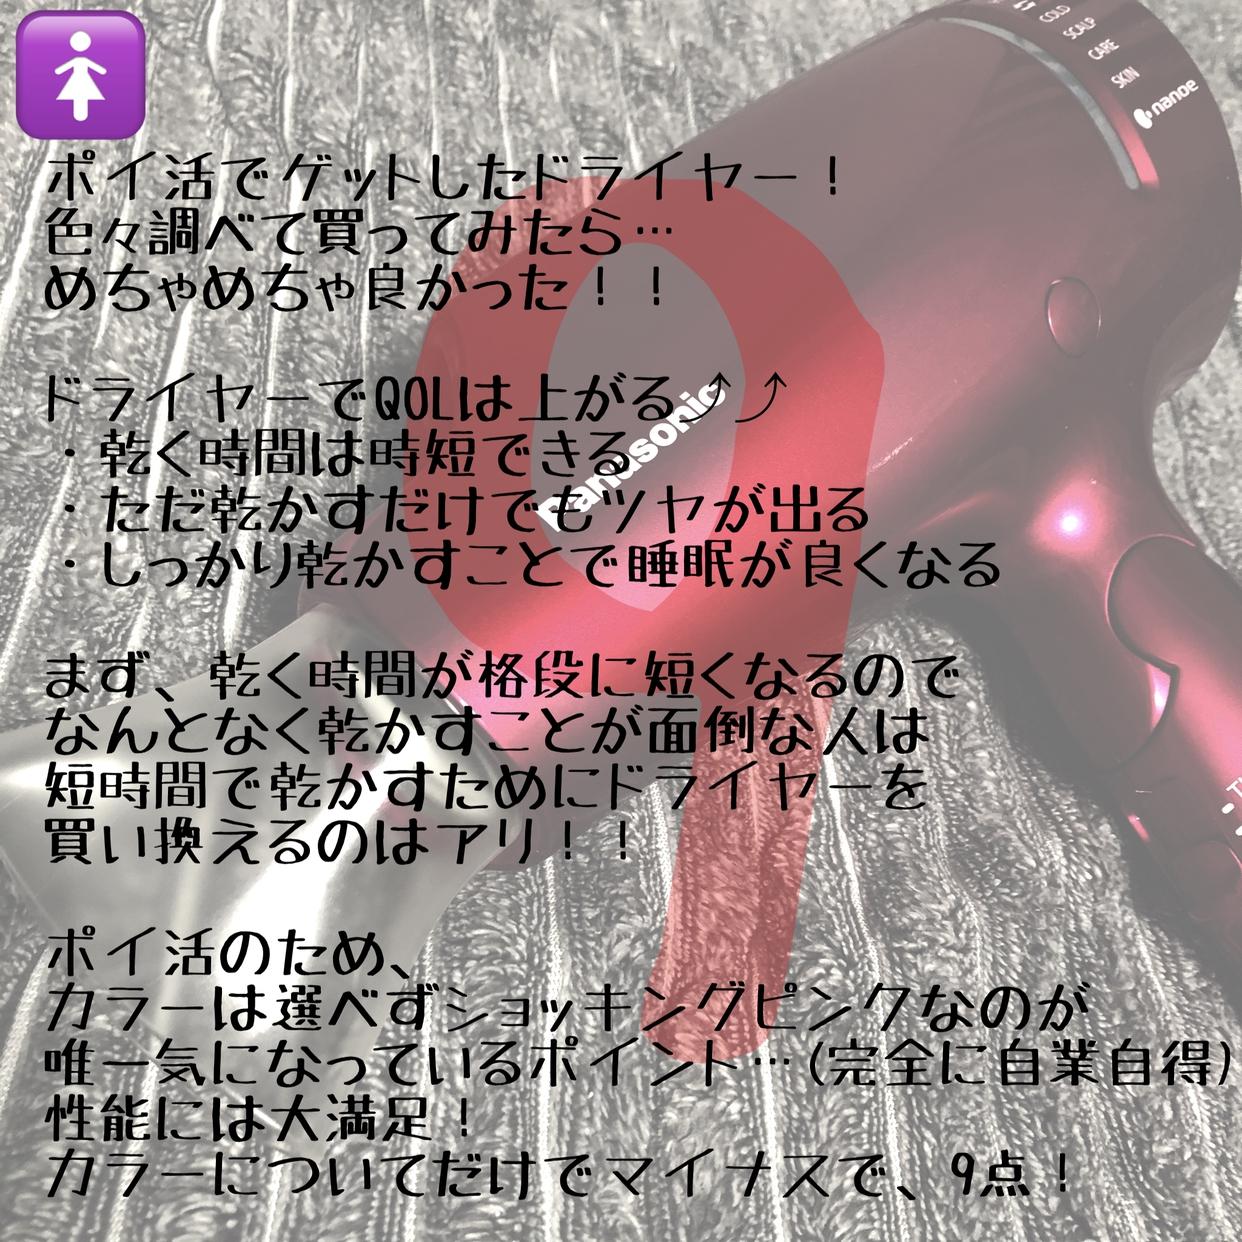 Panasonic(パナソニック)ヘアードライヤー ナノケア EH-NA0Bを使ったnono_yuki_chowさんのクチコミ画像3